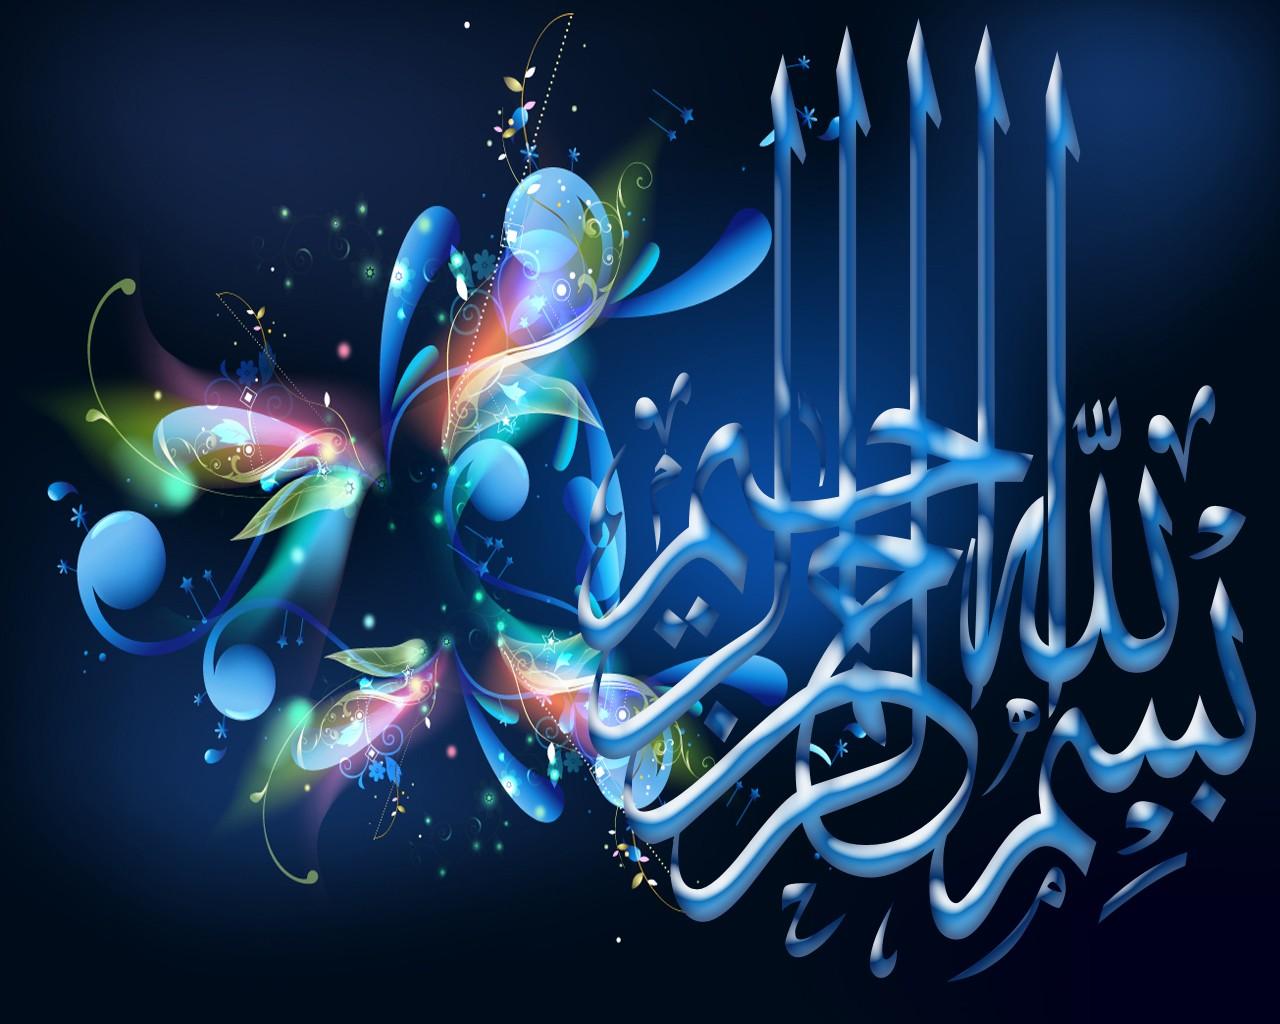 Красивые картинки мусульманские с надпись, открытки новый